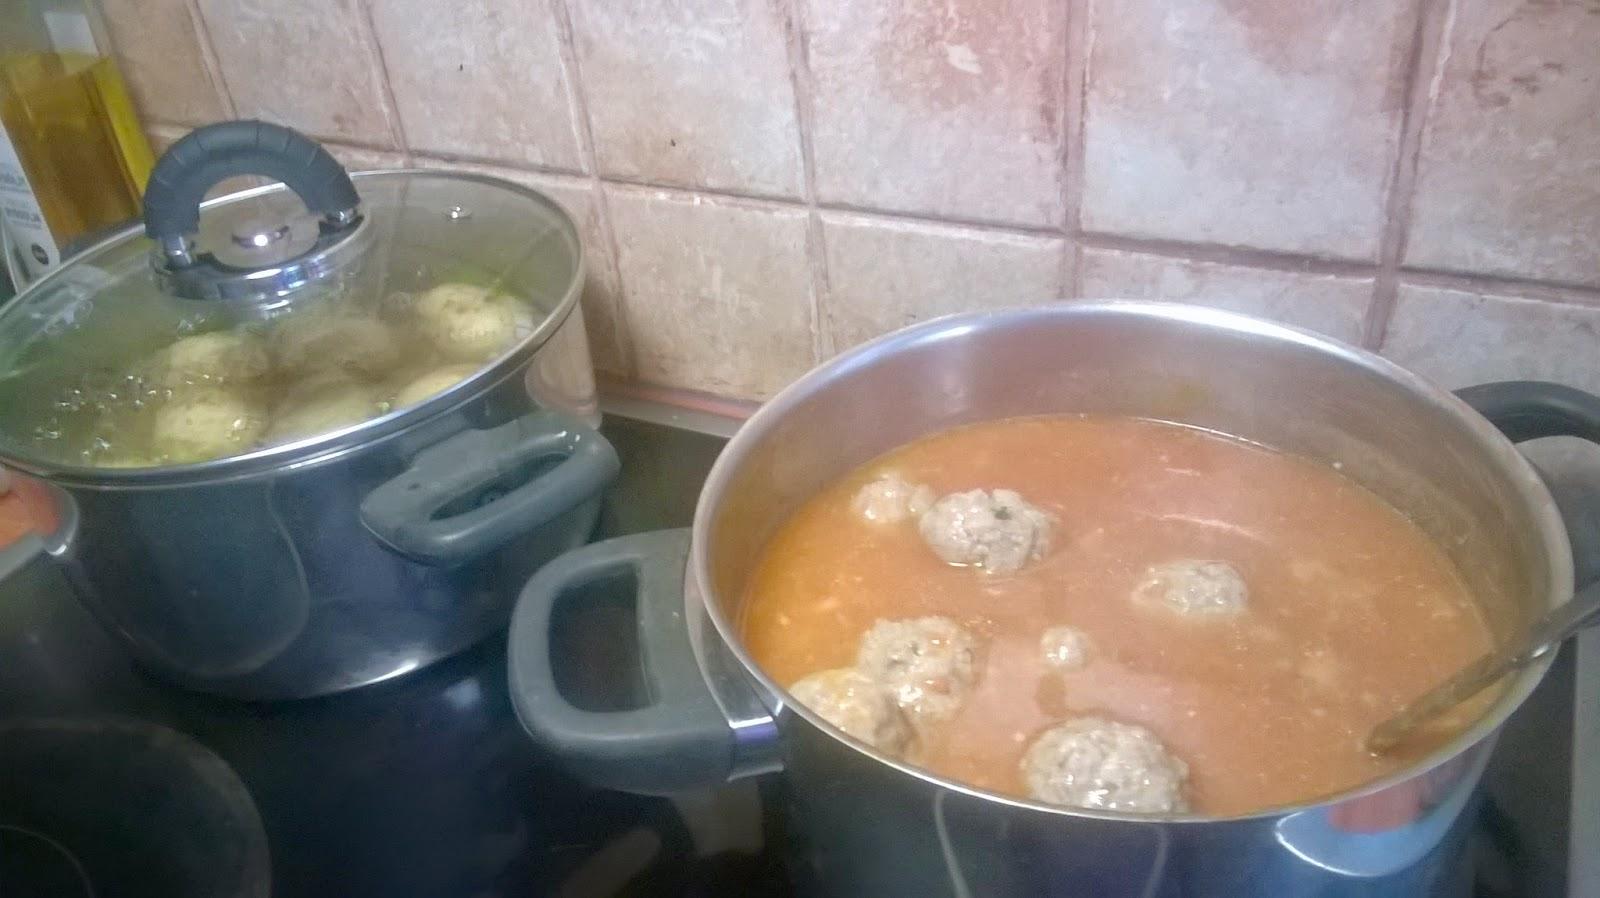 Keitetyt lihapullat tomaattikastikkeessa